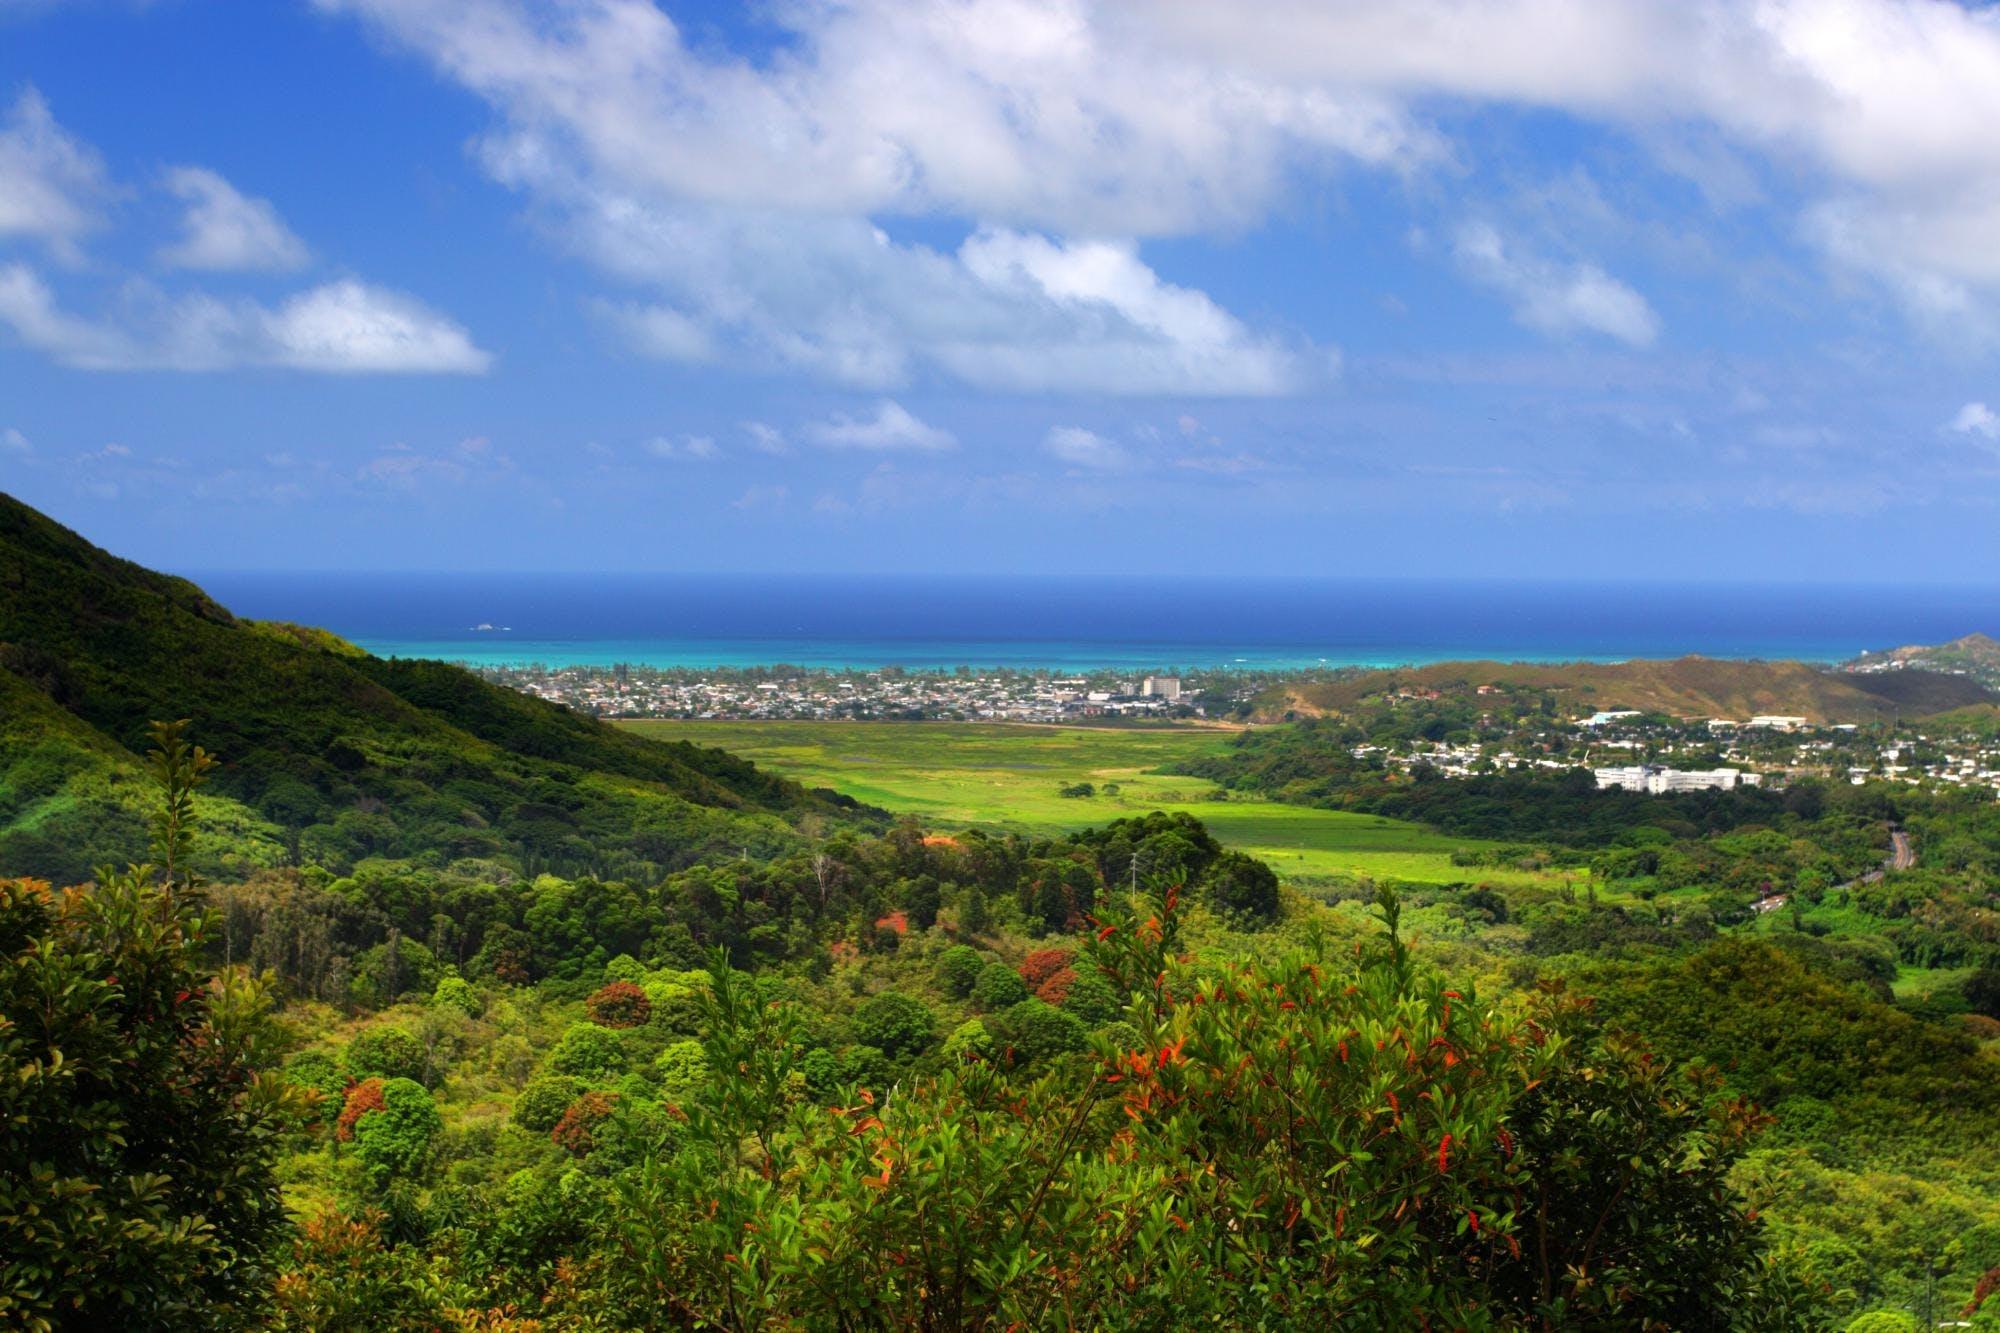 Ver la ciudad,Ver la ciudad,Tickets, museos, atracciones,Entradas a atracciones principales,Tour por Pearl Harbor,Excursión a Oahu